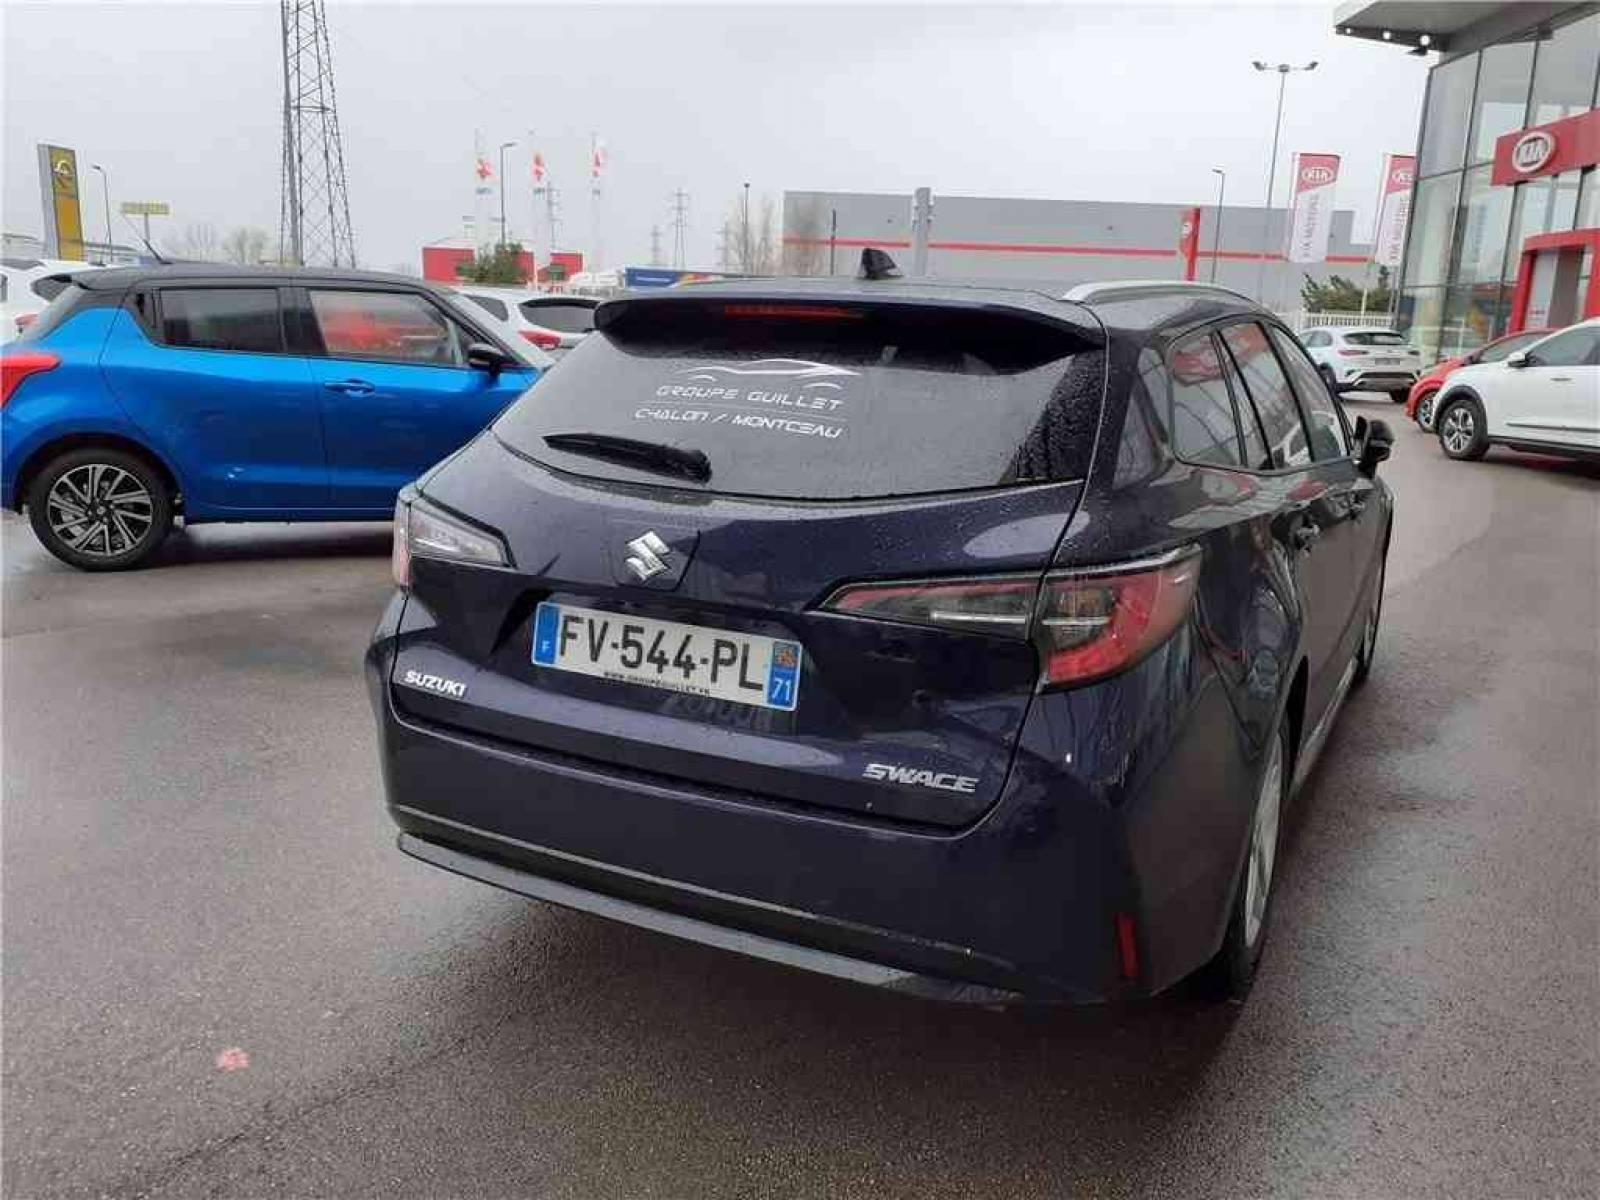 SUZUKI Swace 1.8 Hybrid - véhicule d'occasion - Groupe Guillet - Hall de l'automobile - Chalon sur Saône - 71380 - Saint-Marcel - 4